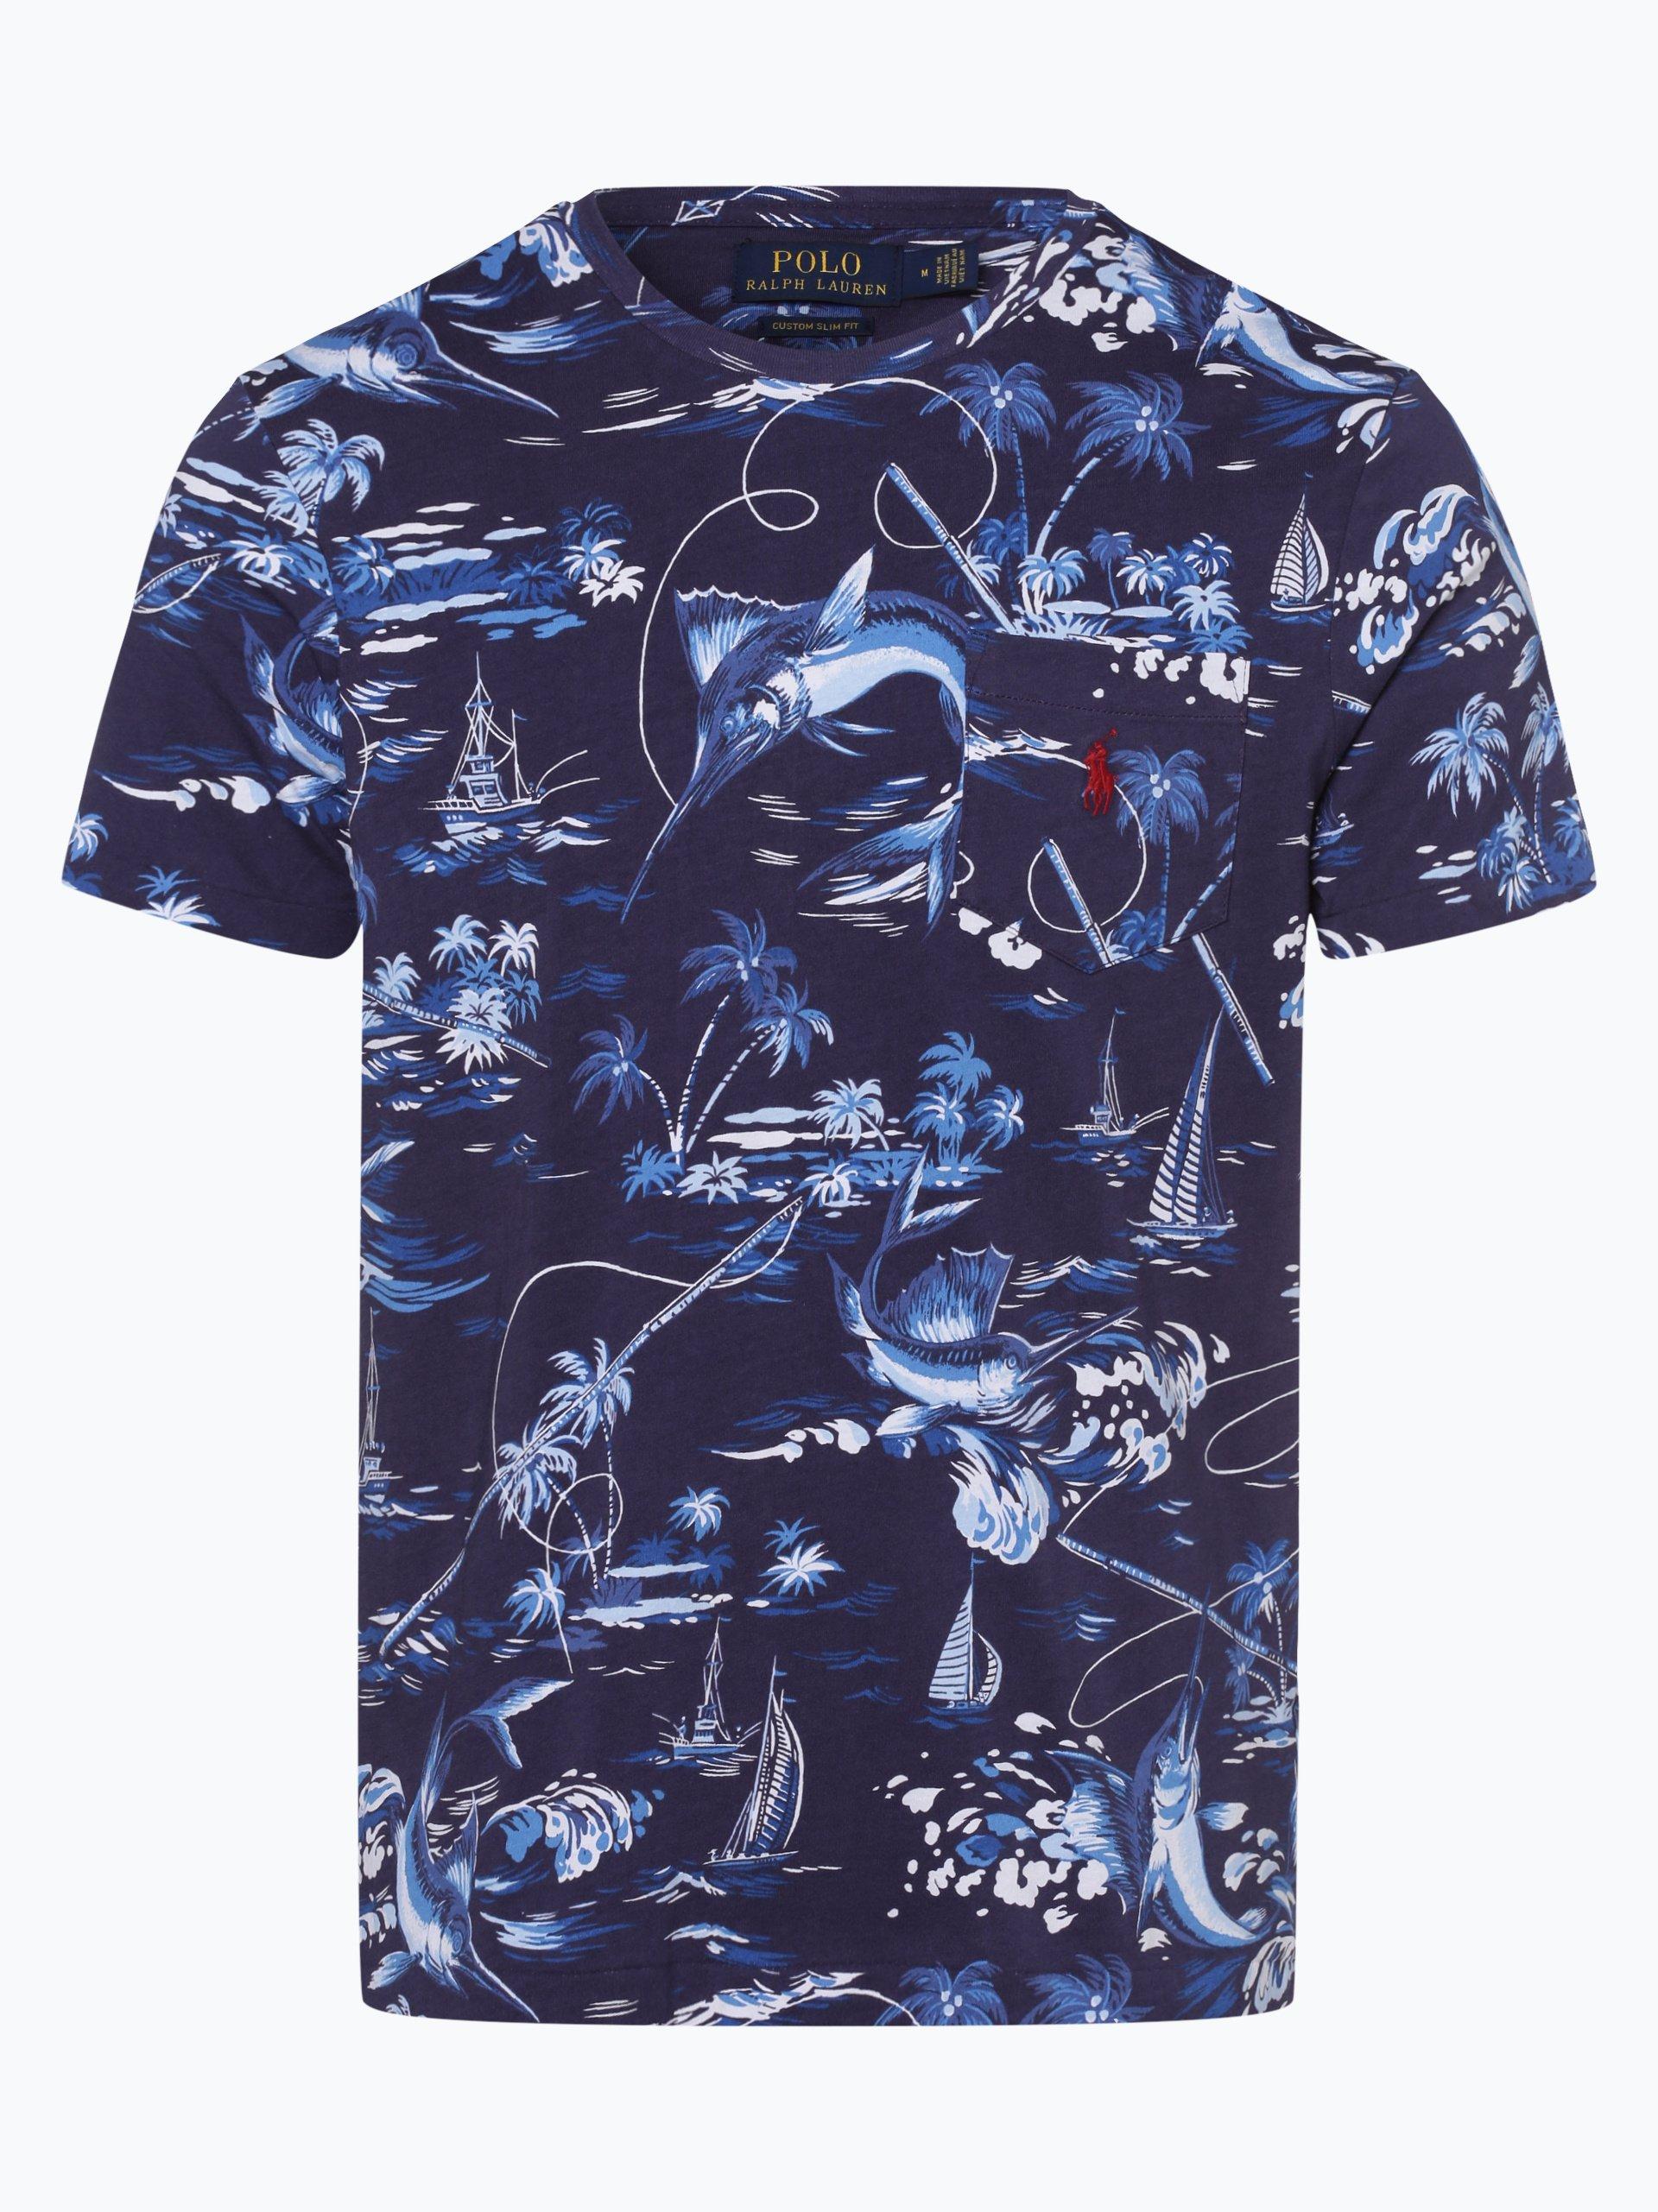 Polo Ralph Lauren Herren T-Shirt - Slim Fit